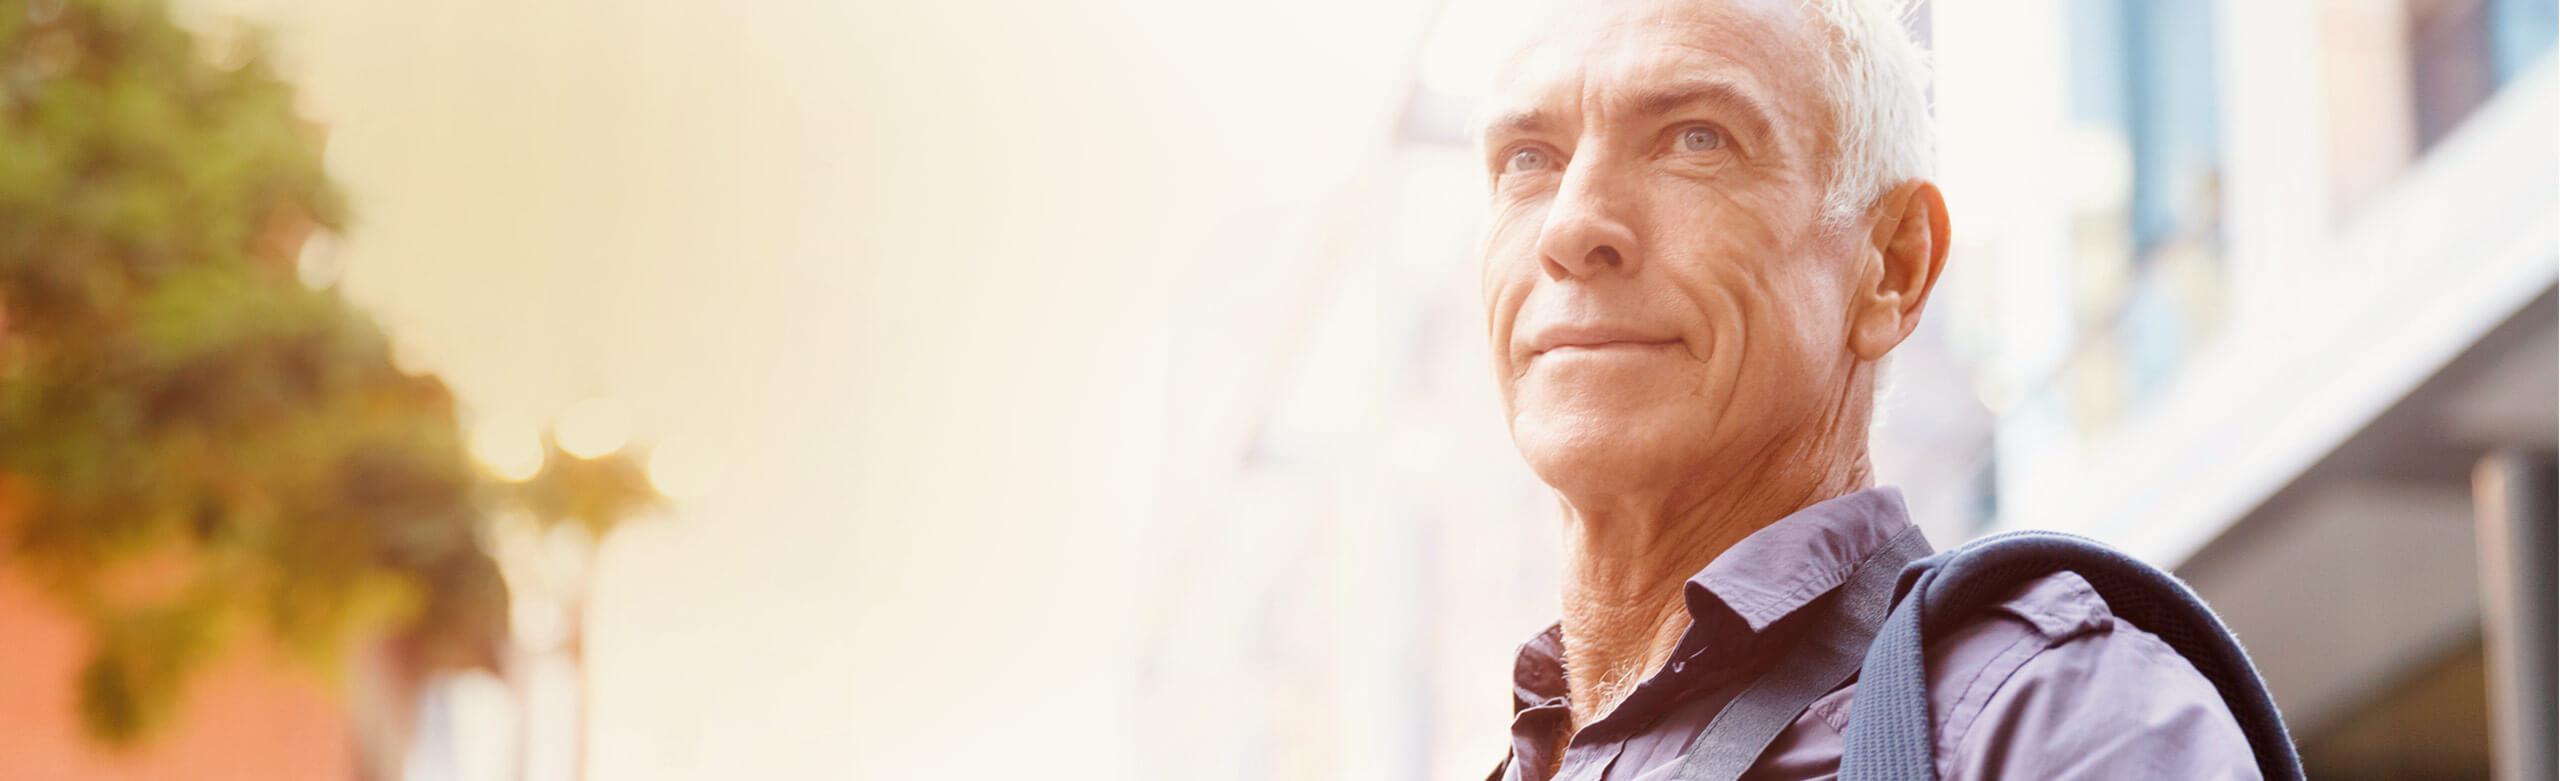 老人自信地看遠方